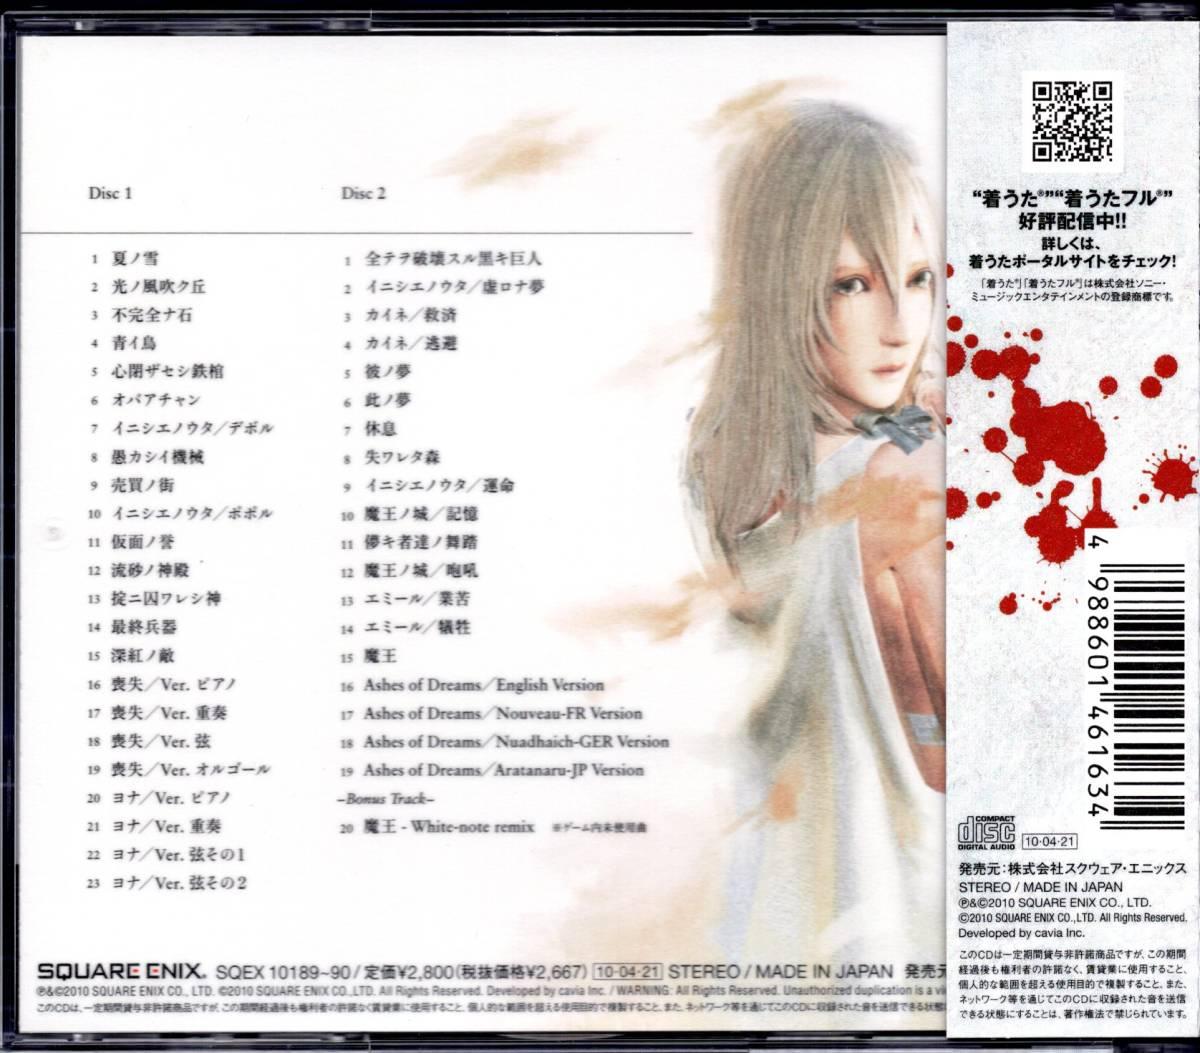 ニーア ゲシュタルト & レプリカント オリジナル・サウンドトラック(美品 / 2CD / NieR Gestalt & NieR Replicant Original Soundtrack)_画像2